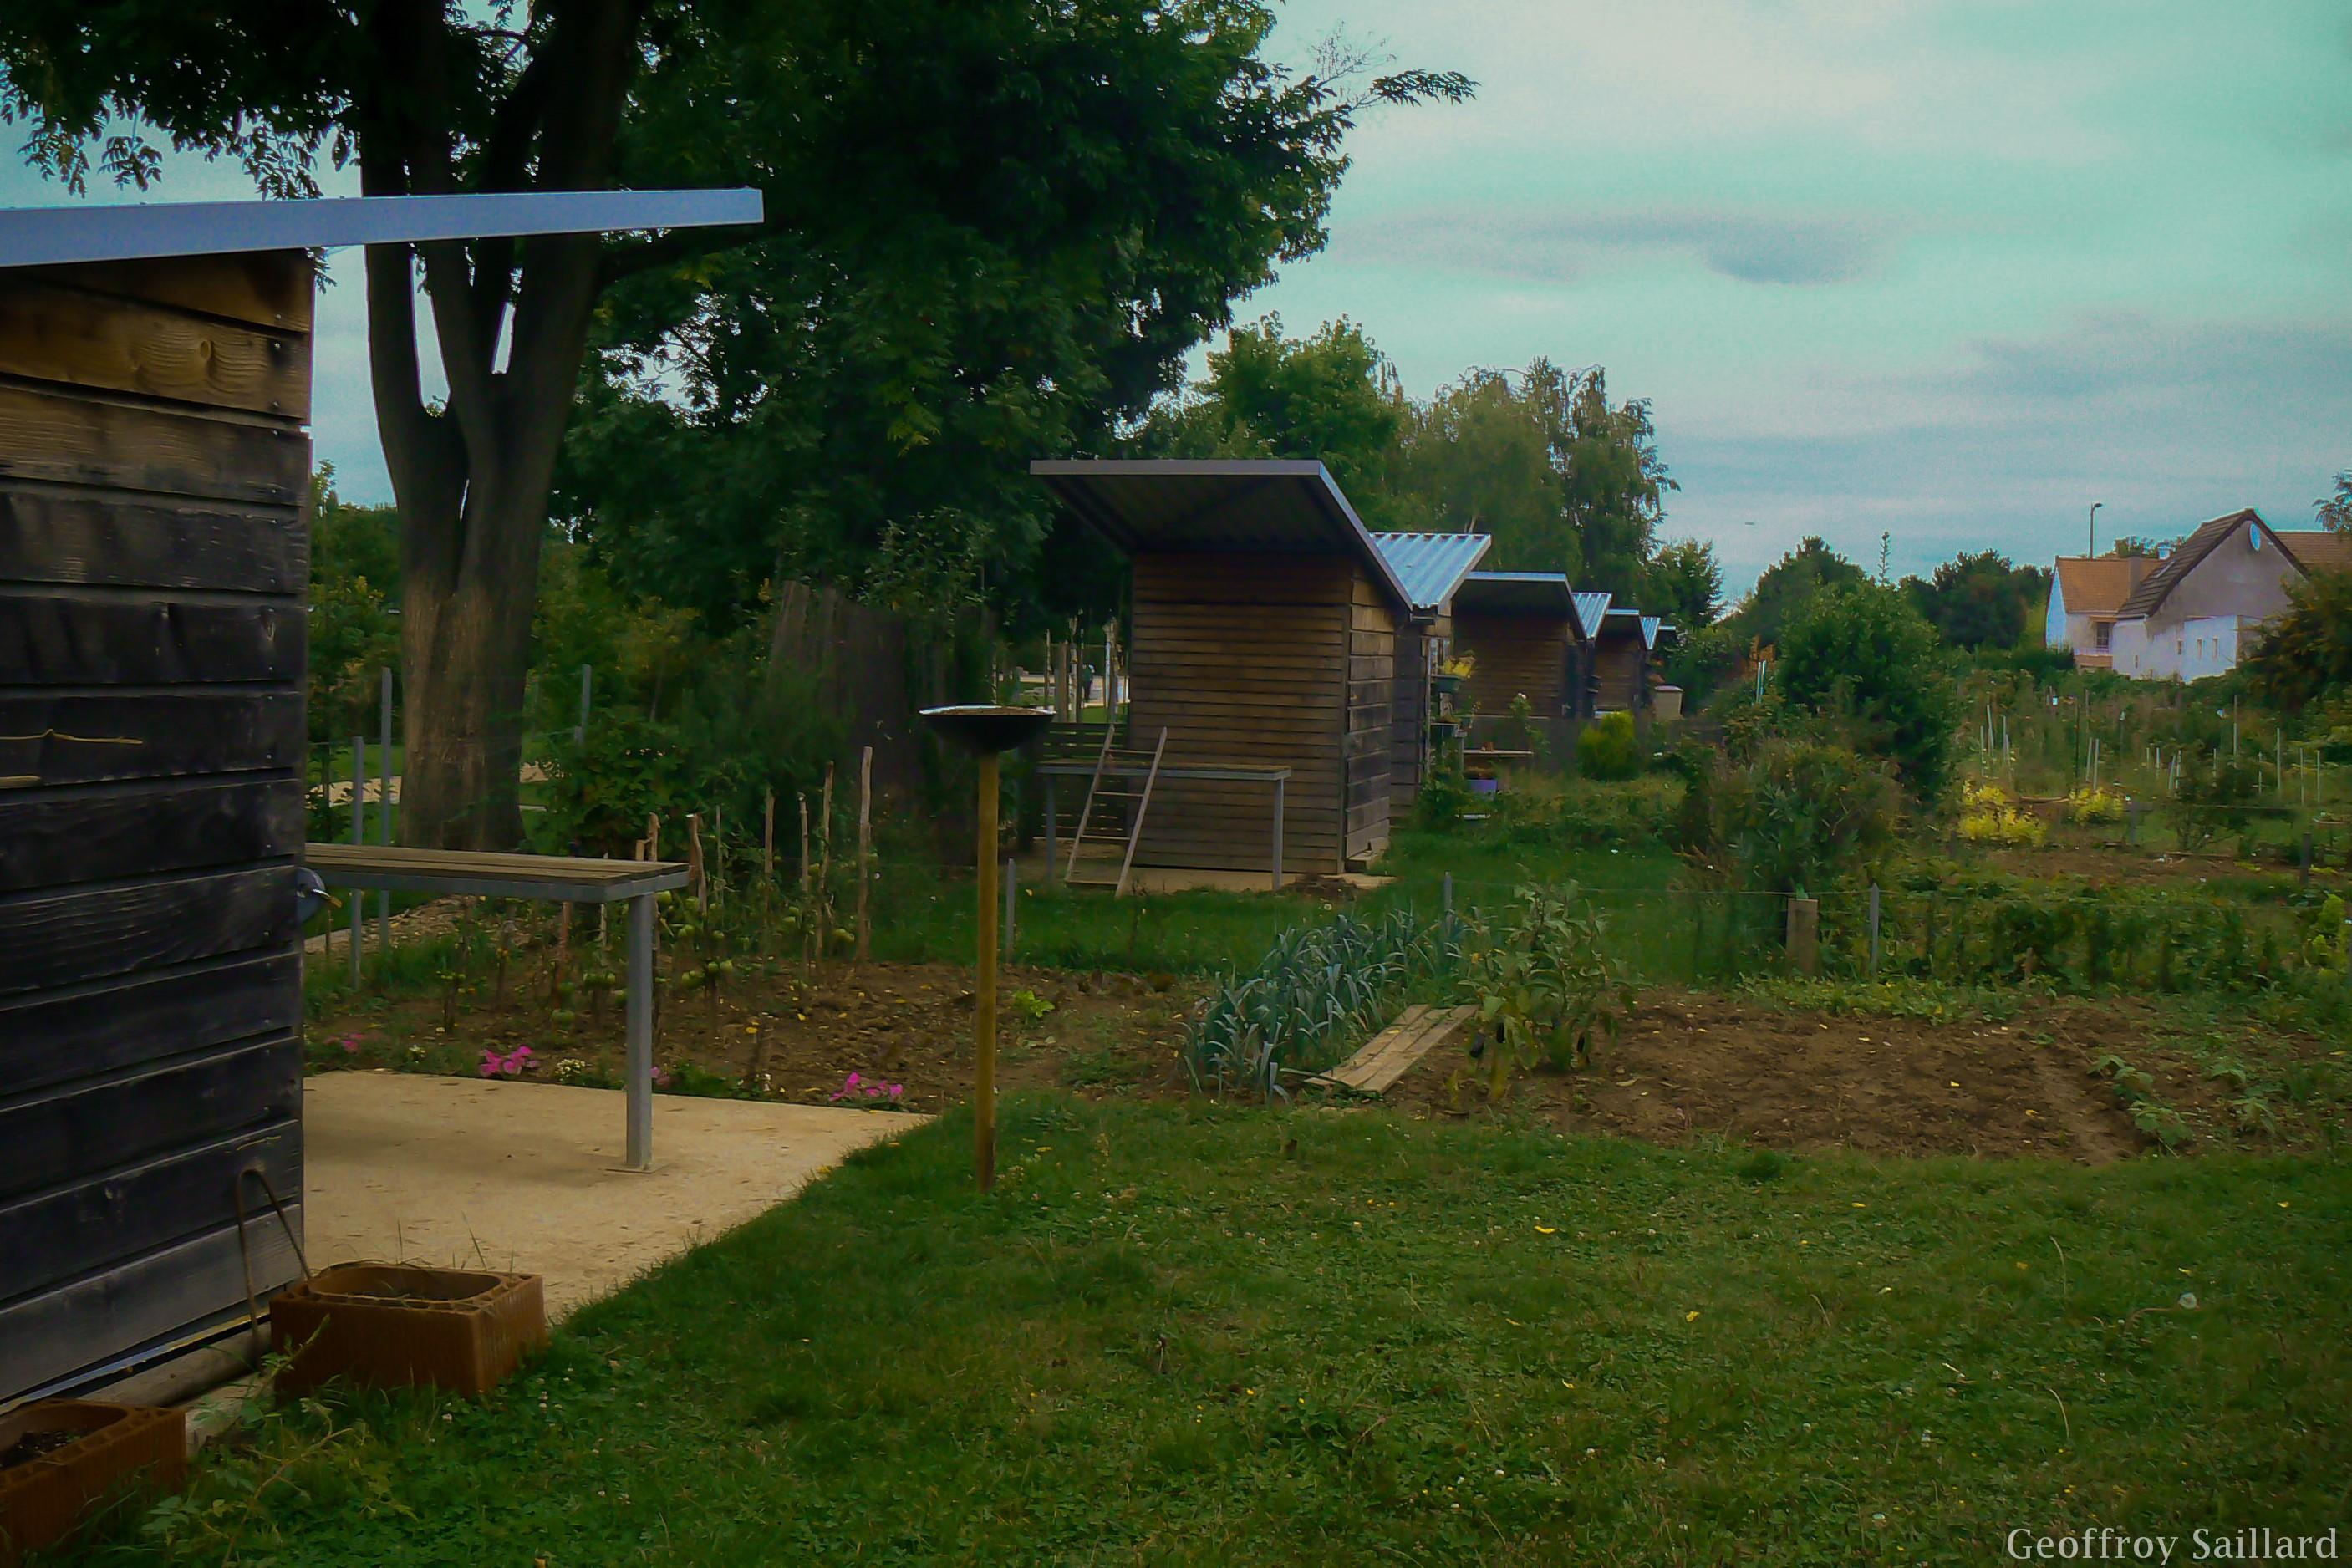 Jardin familial à Vitry-sur-Seine : parc des Lilas